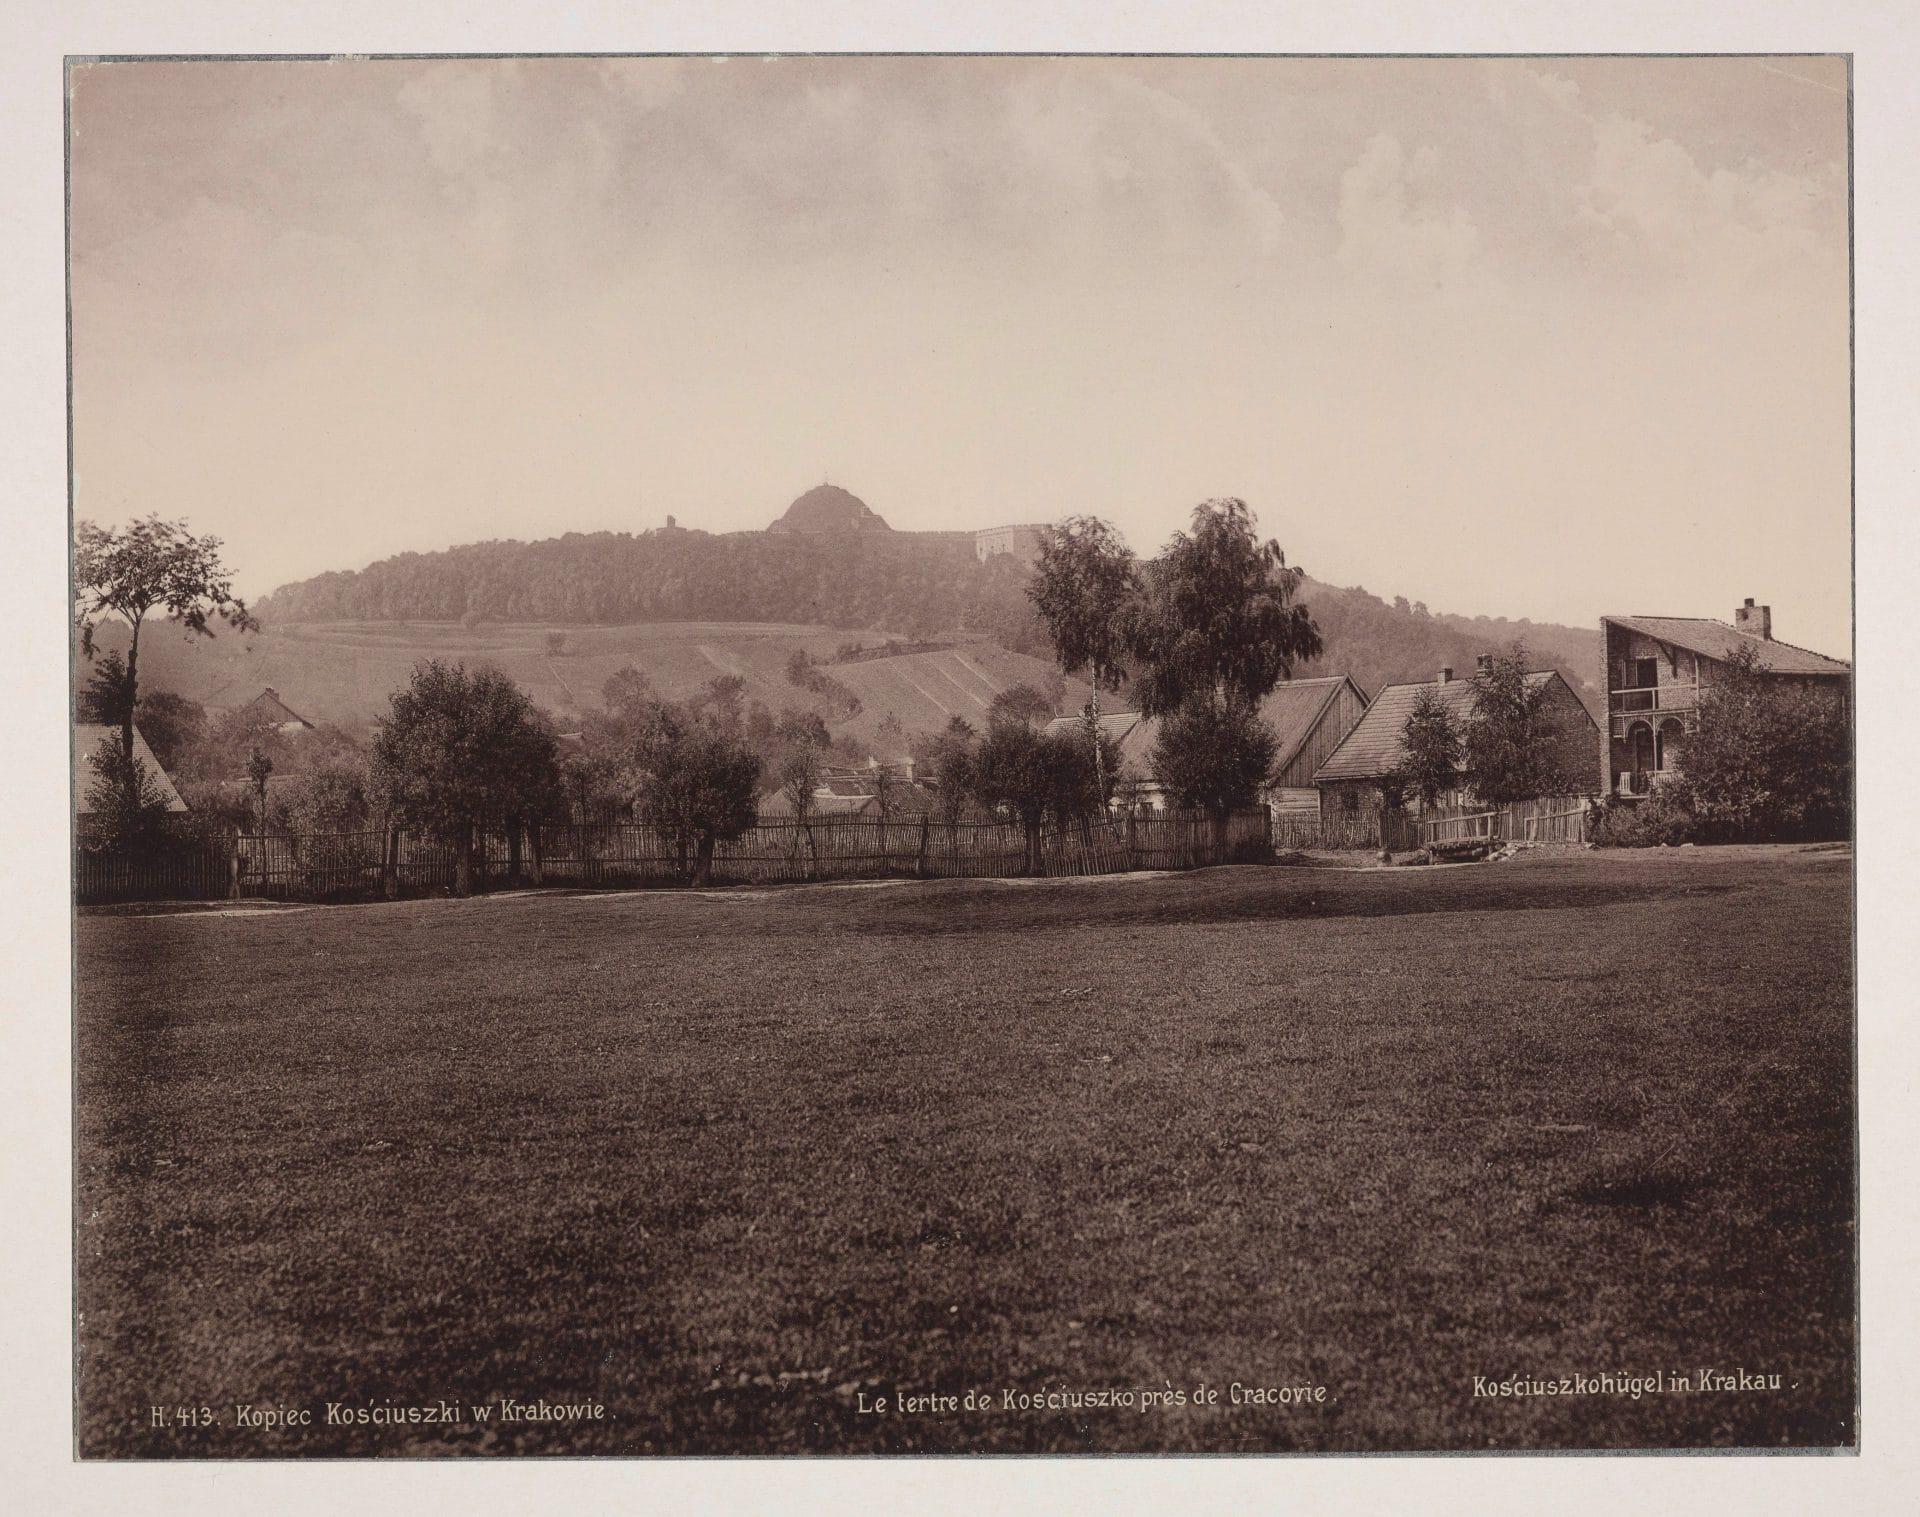 Kopiec Kościuszki w 1895 roku. Źródło: Polona.pl.